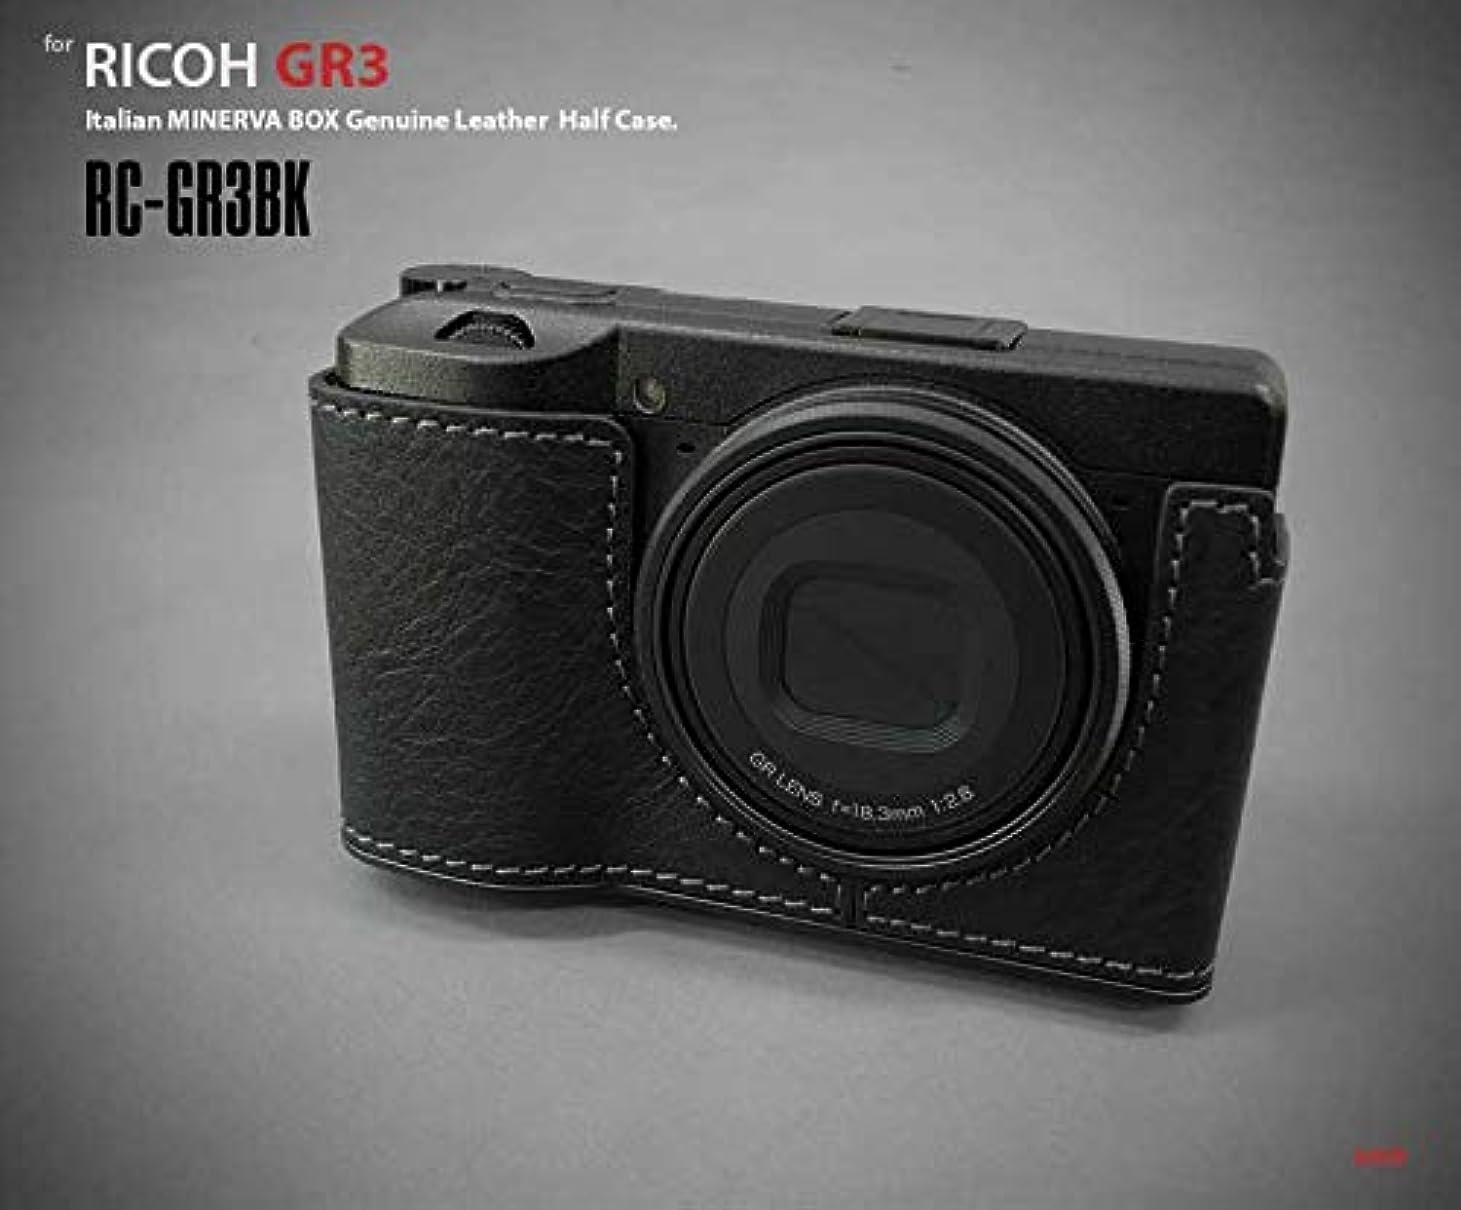 衣服懇願する荷物LIM'S RICOH GRIII用本革カメラケースRC-GR3BK ブラック【日本正規販売店/NINE SELECT】